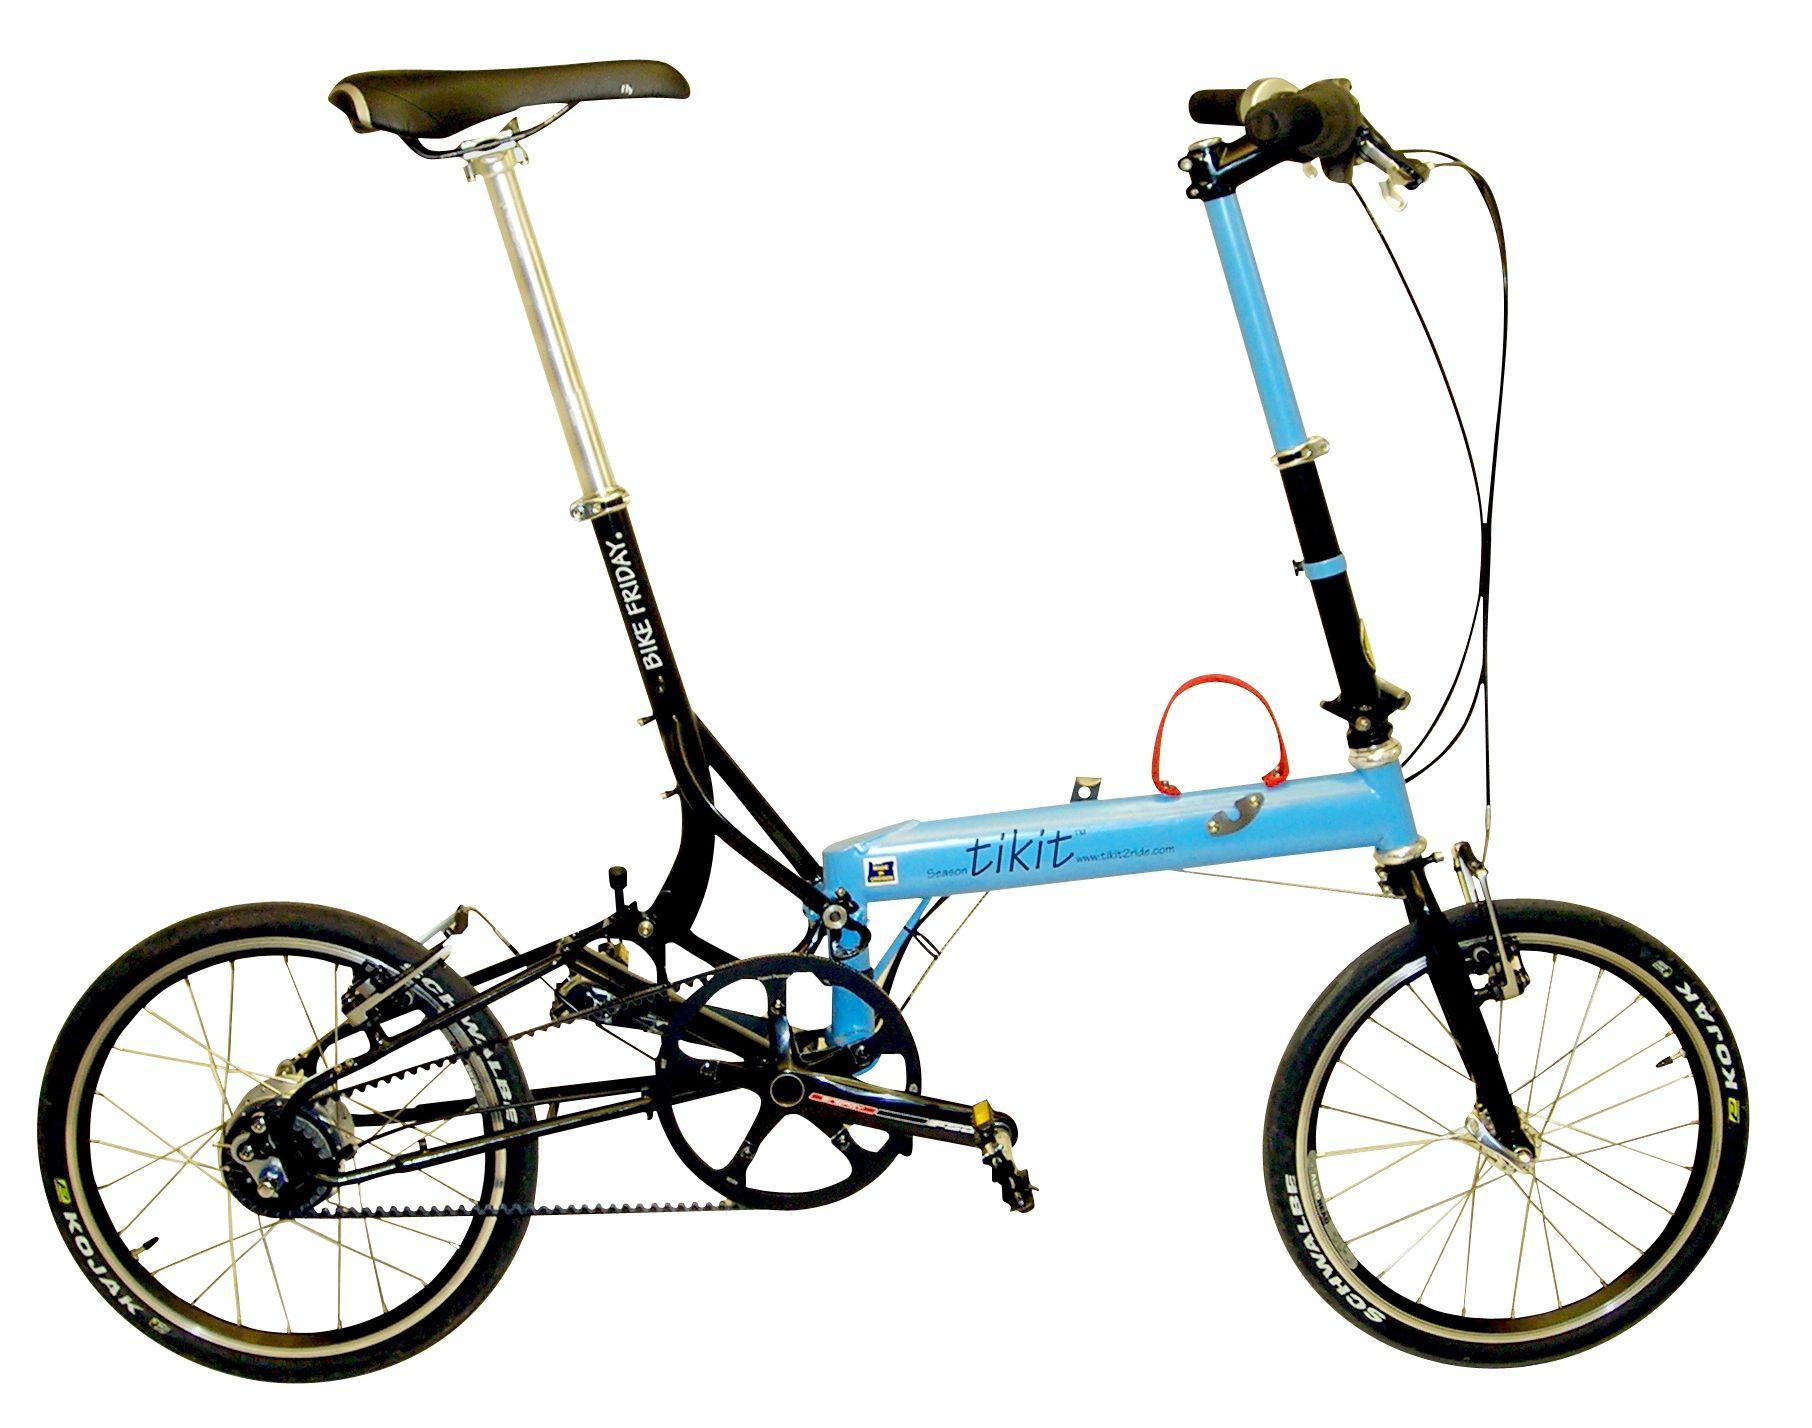 Pakit Folding Bike Bike Friday